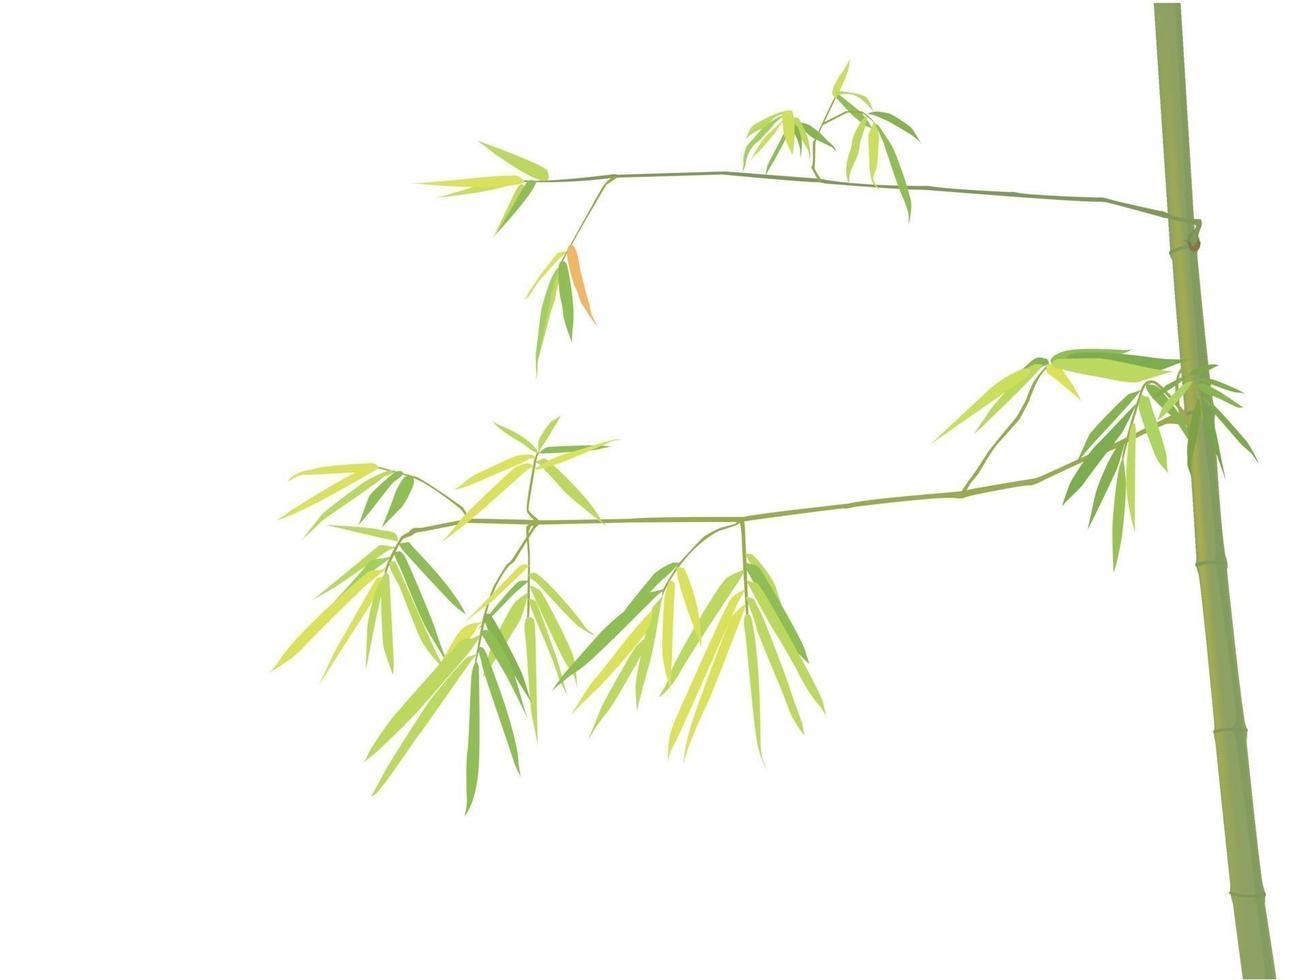 bammboo albero sul grafico illustrazione vettoriale